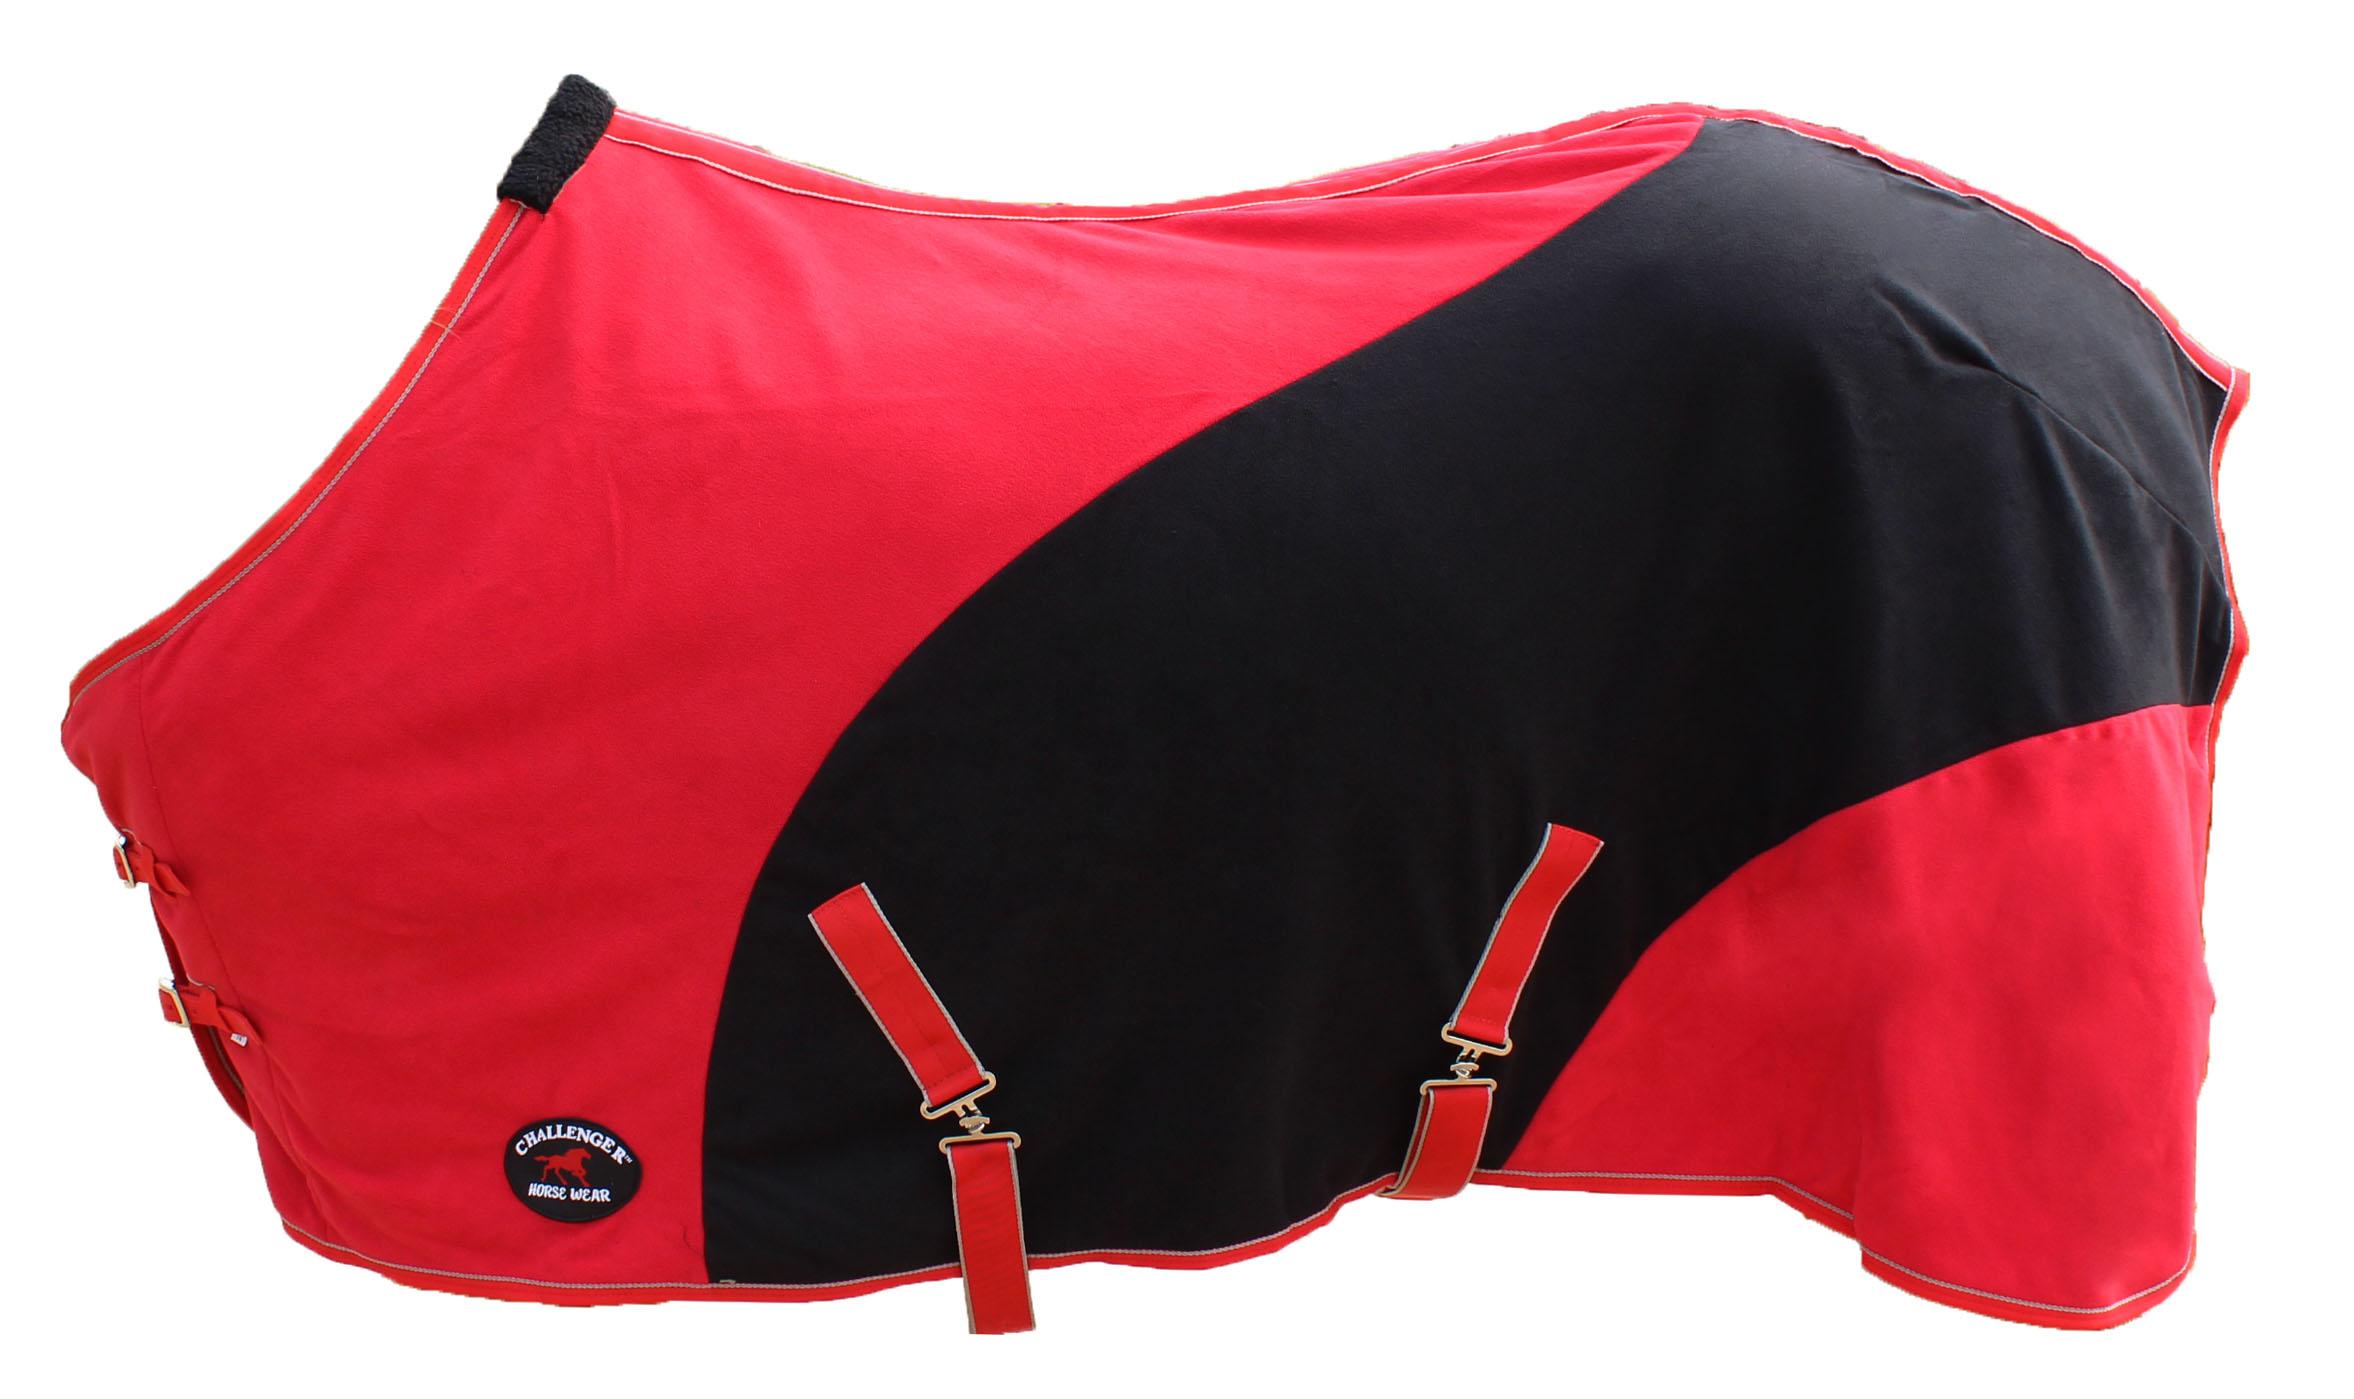 Challenger Horsewear 82 Horse Sheet Polar Fleece Cooler Exercise Blanket Wicks Moisture 4388